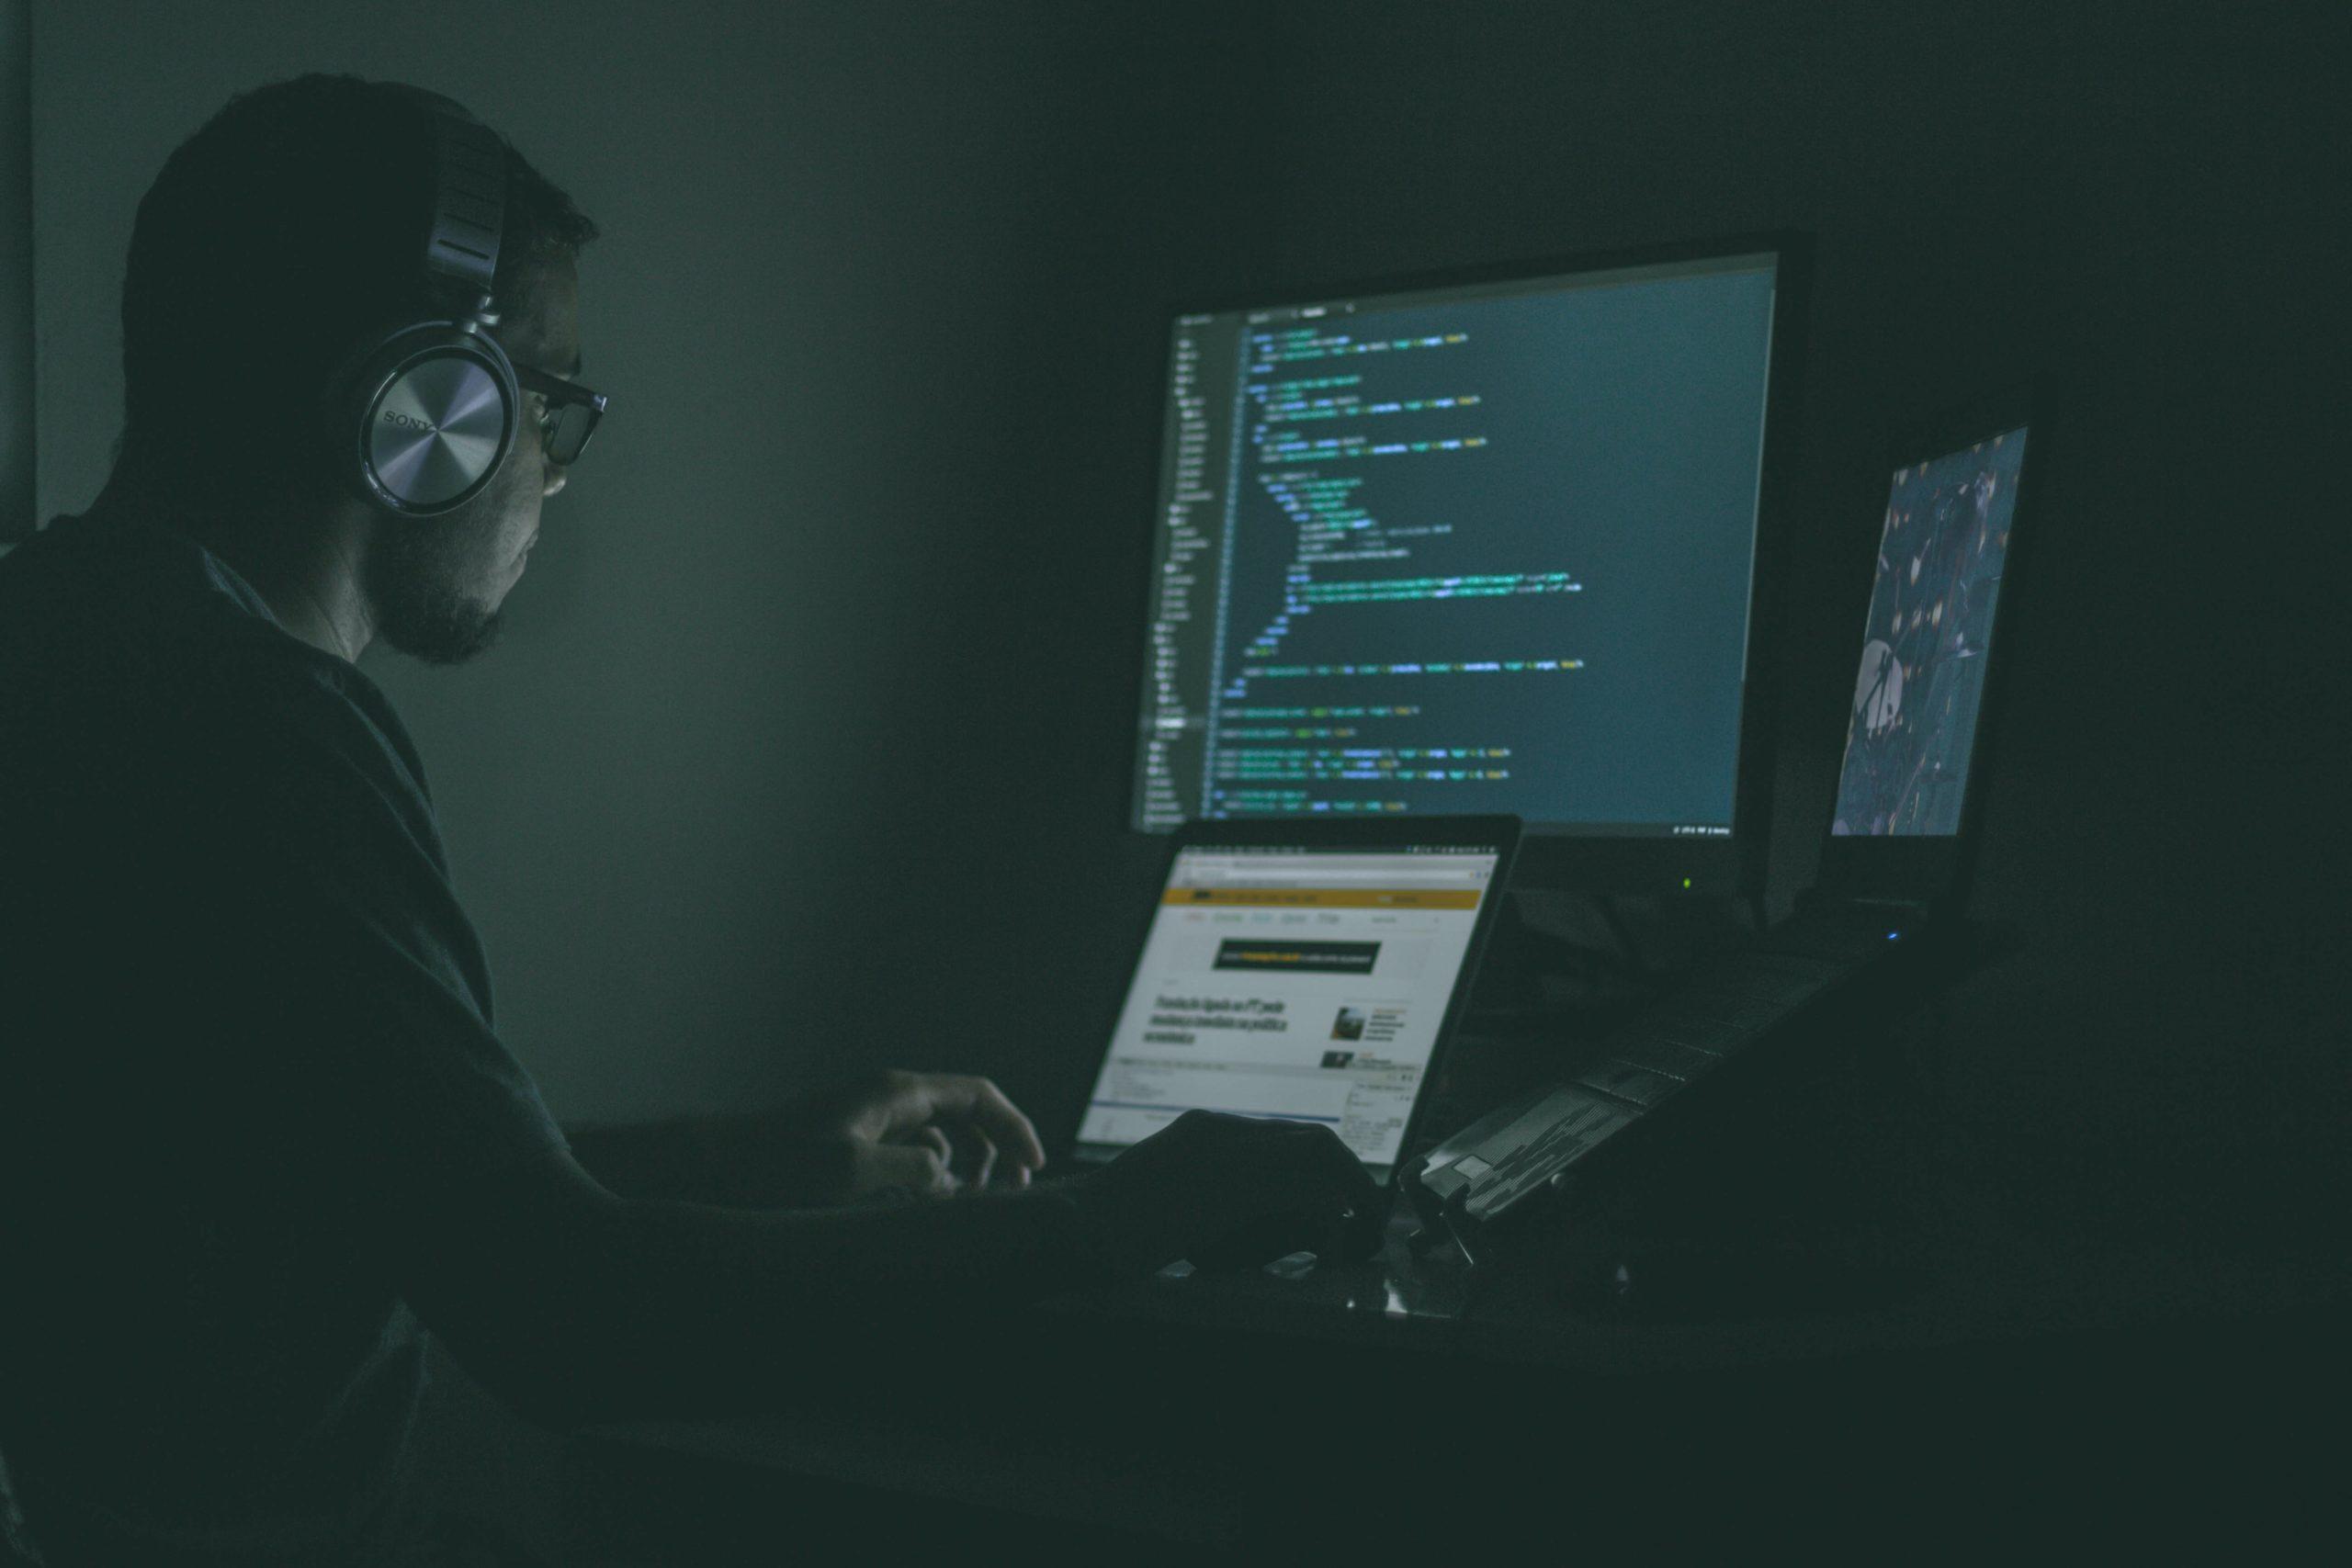 Hur kan du skydda ditt företag mot ökande cyberattacker?